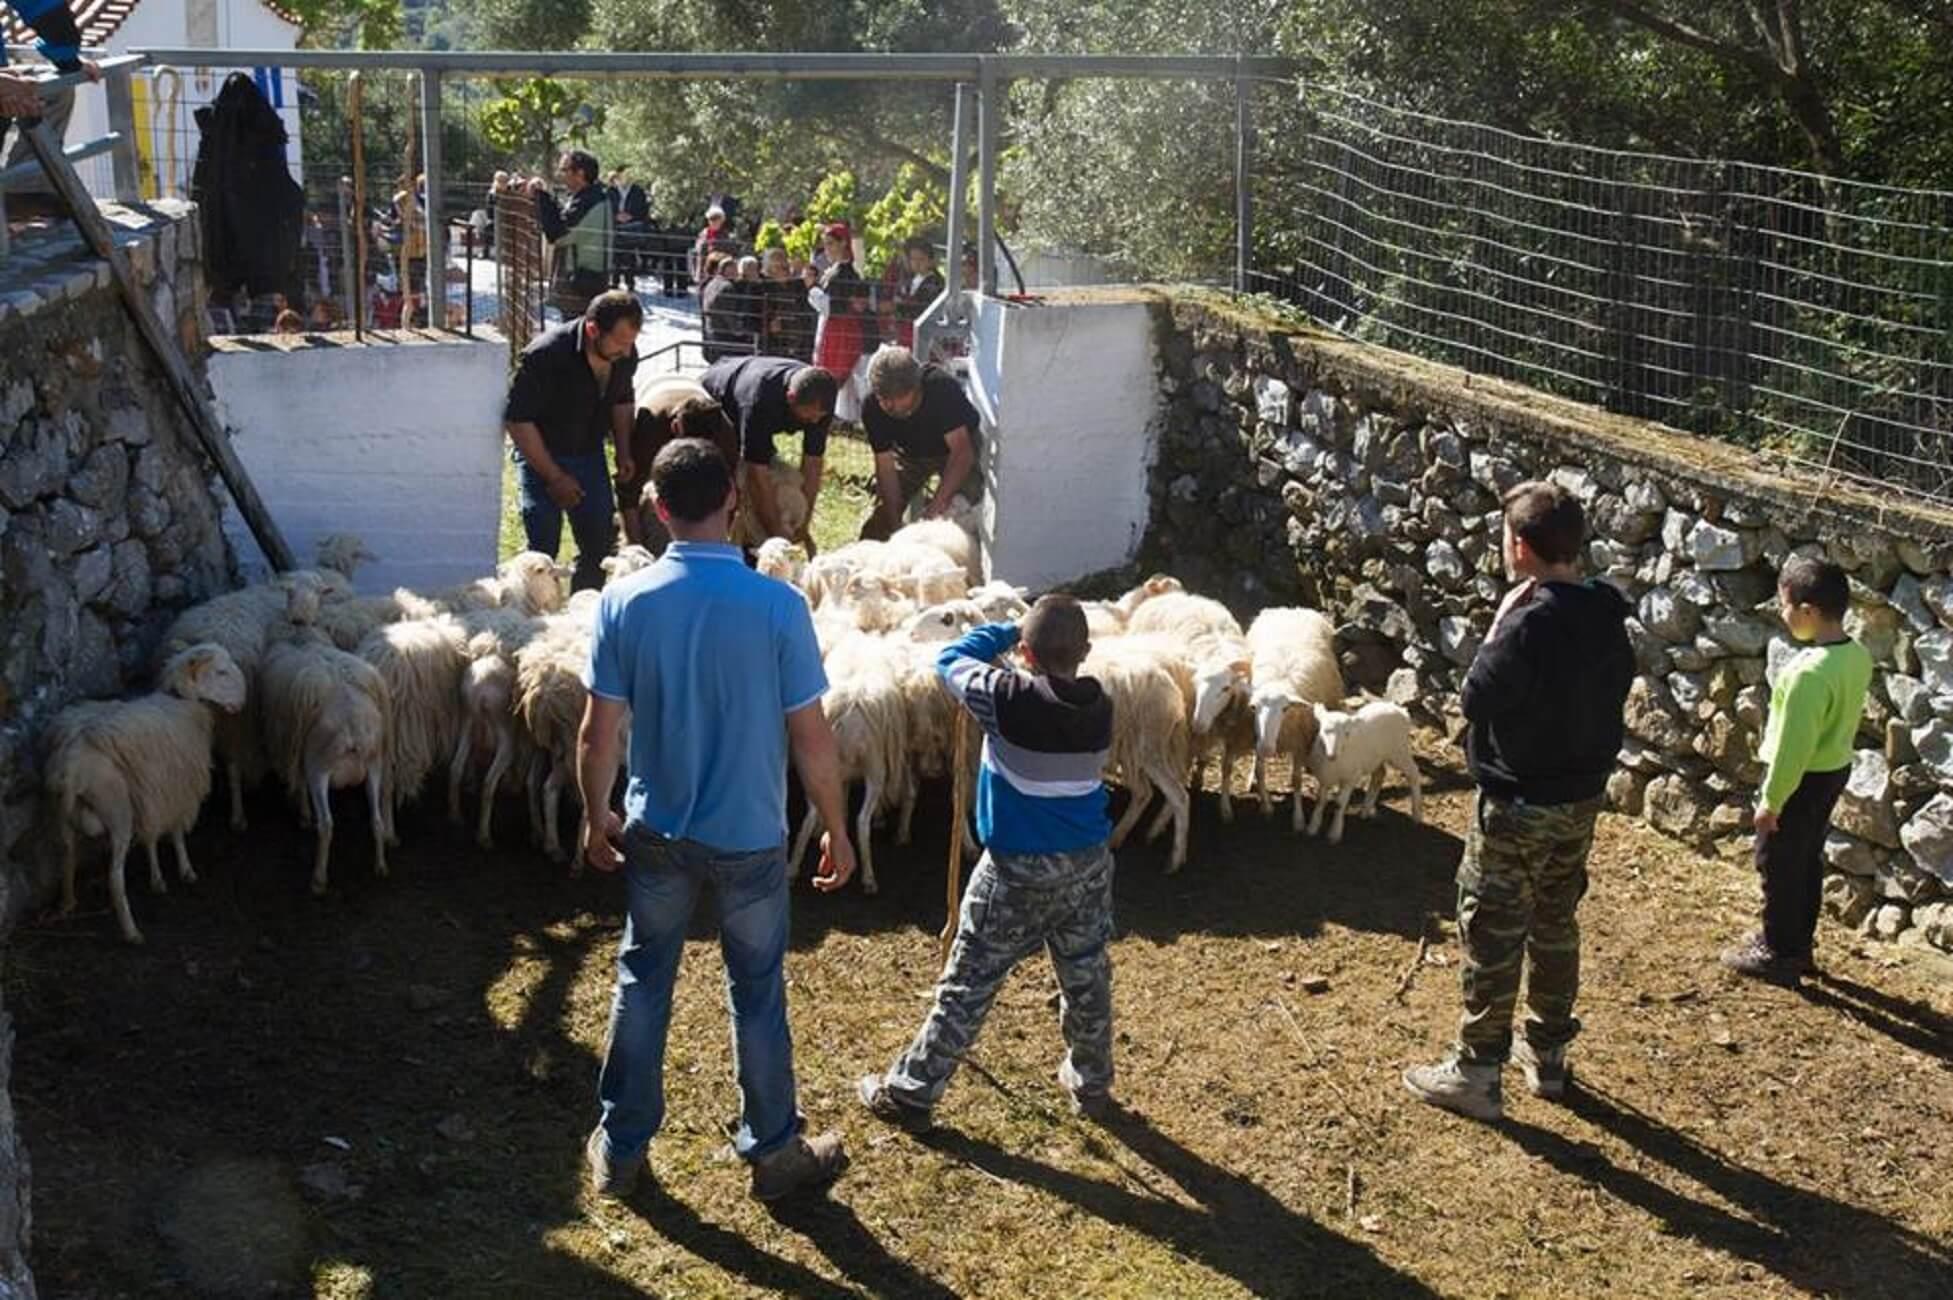 Πάσχα 2019: Ένα πολύ διαφορετικό έθιμο στην Κρήτη [pics]